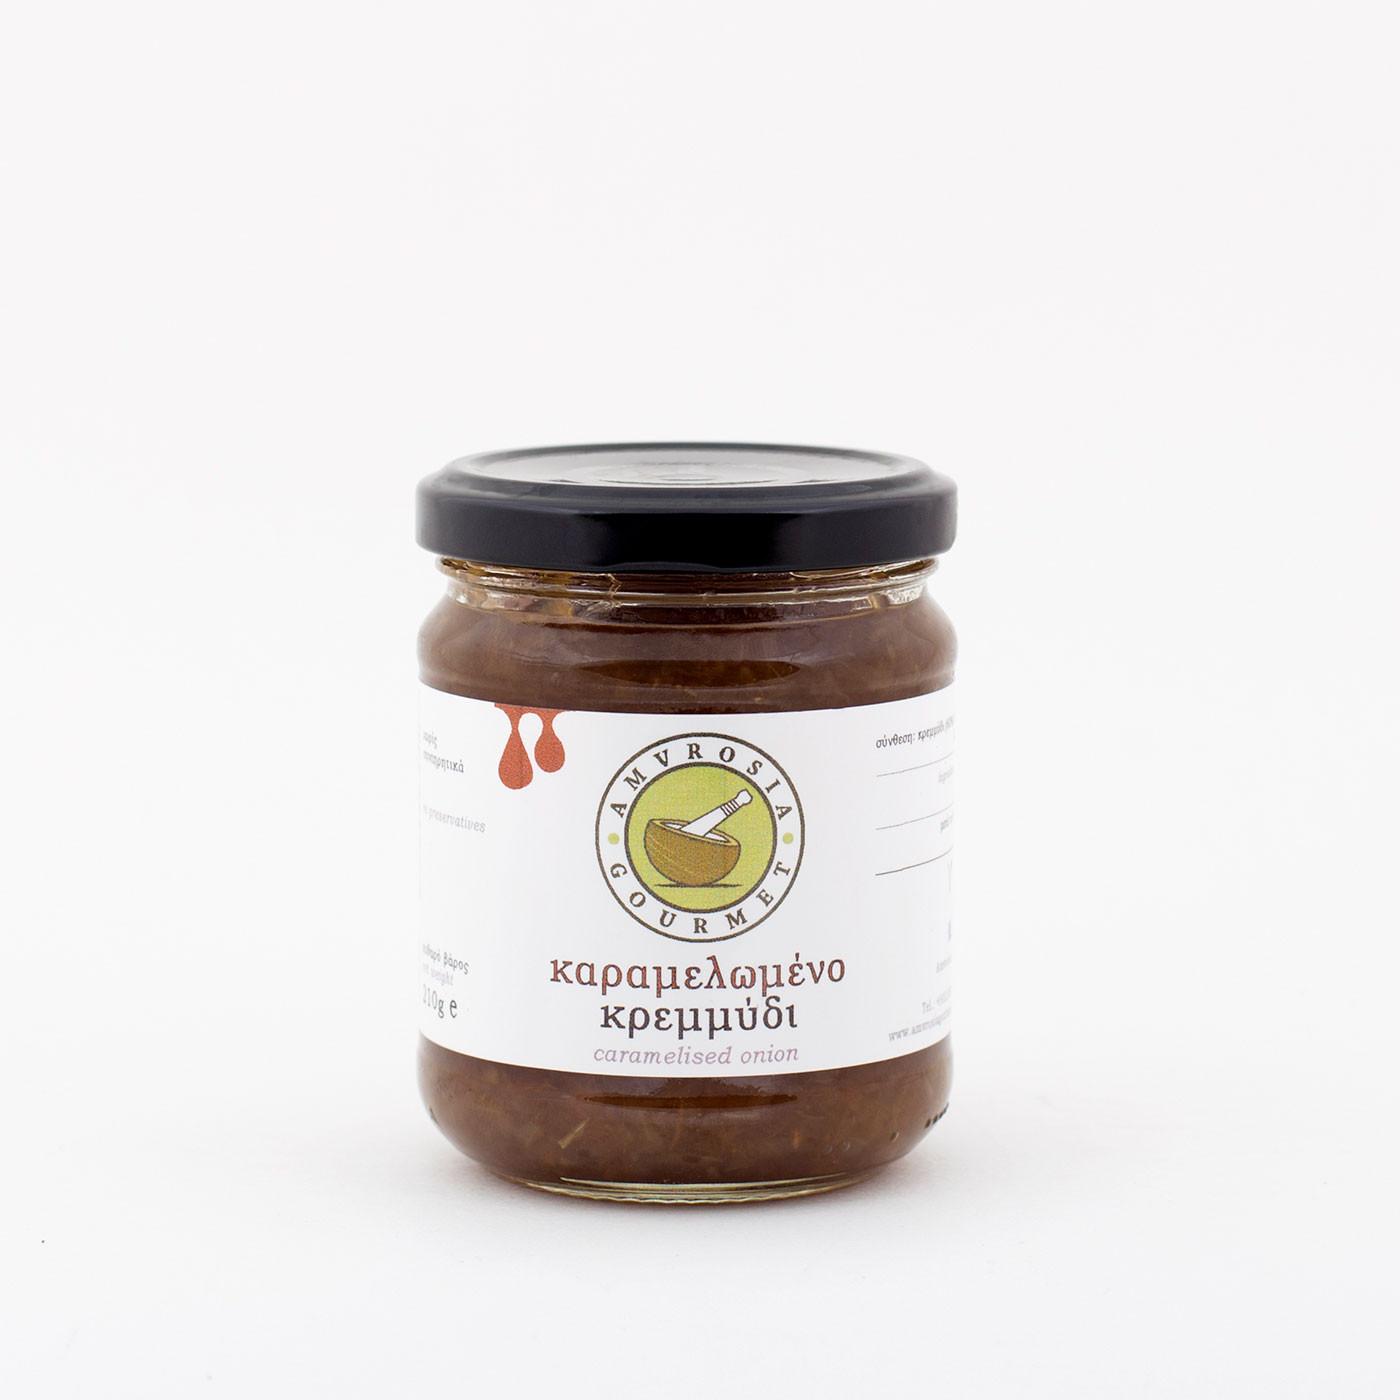 """Καραμελωμένο κρεμμύδι """"Amvrosia Gourmet"""" 210 g"""